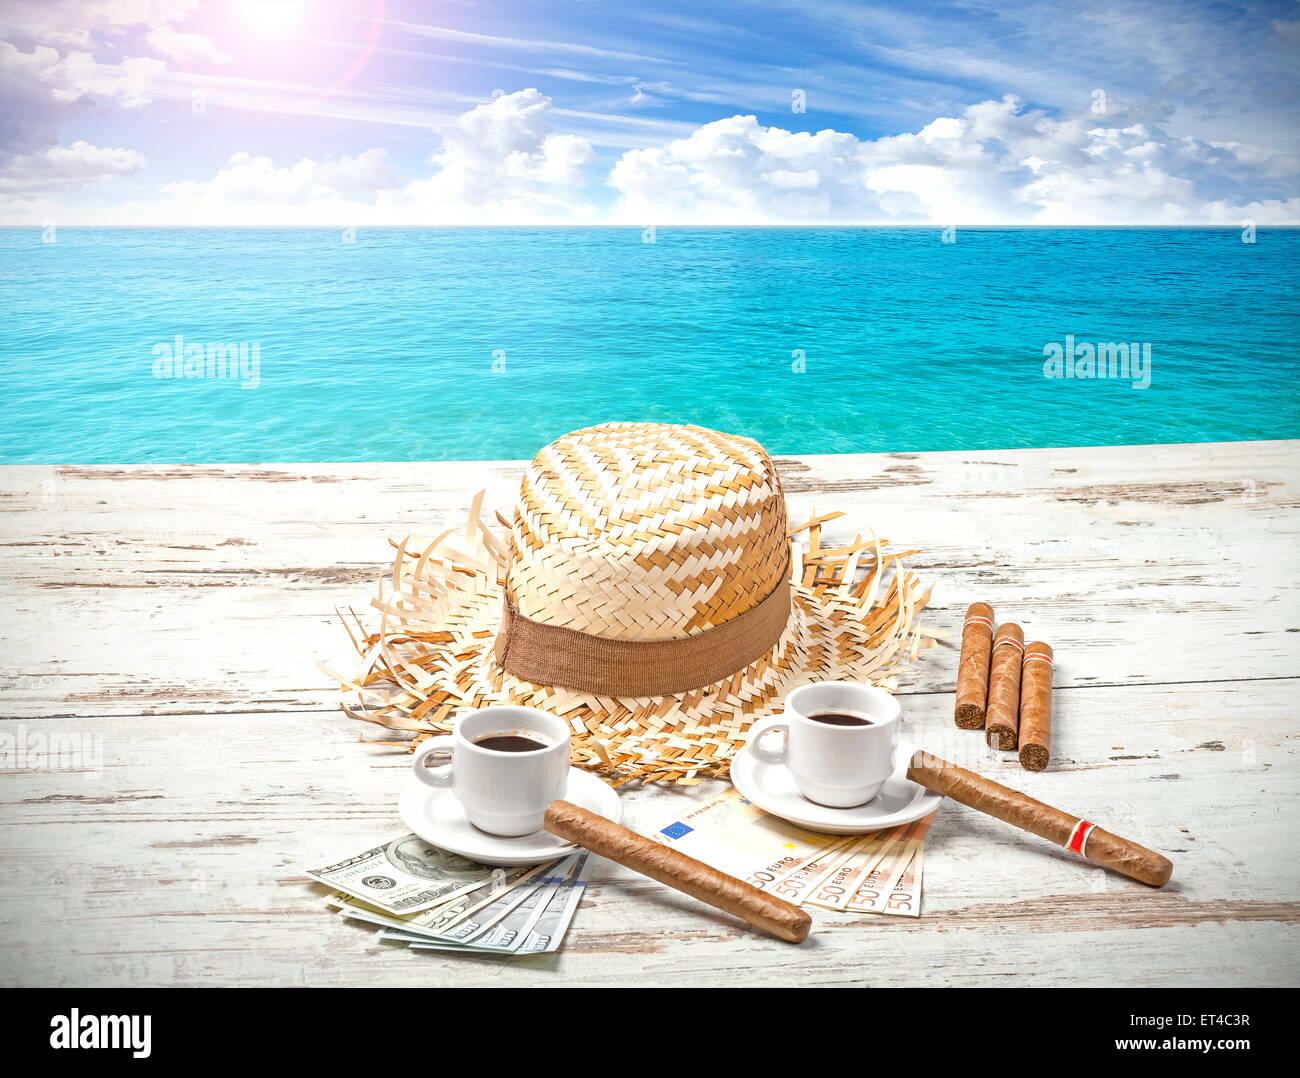 Cafés, cigarros, dinero y sombrero en Playa Madera tabla. Concepto de aventura en verano. Imagen De Stock